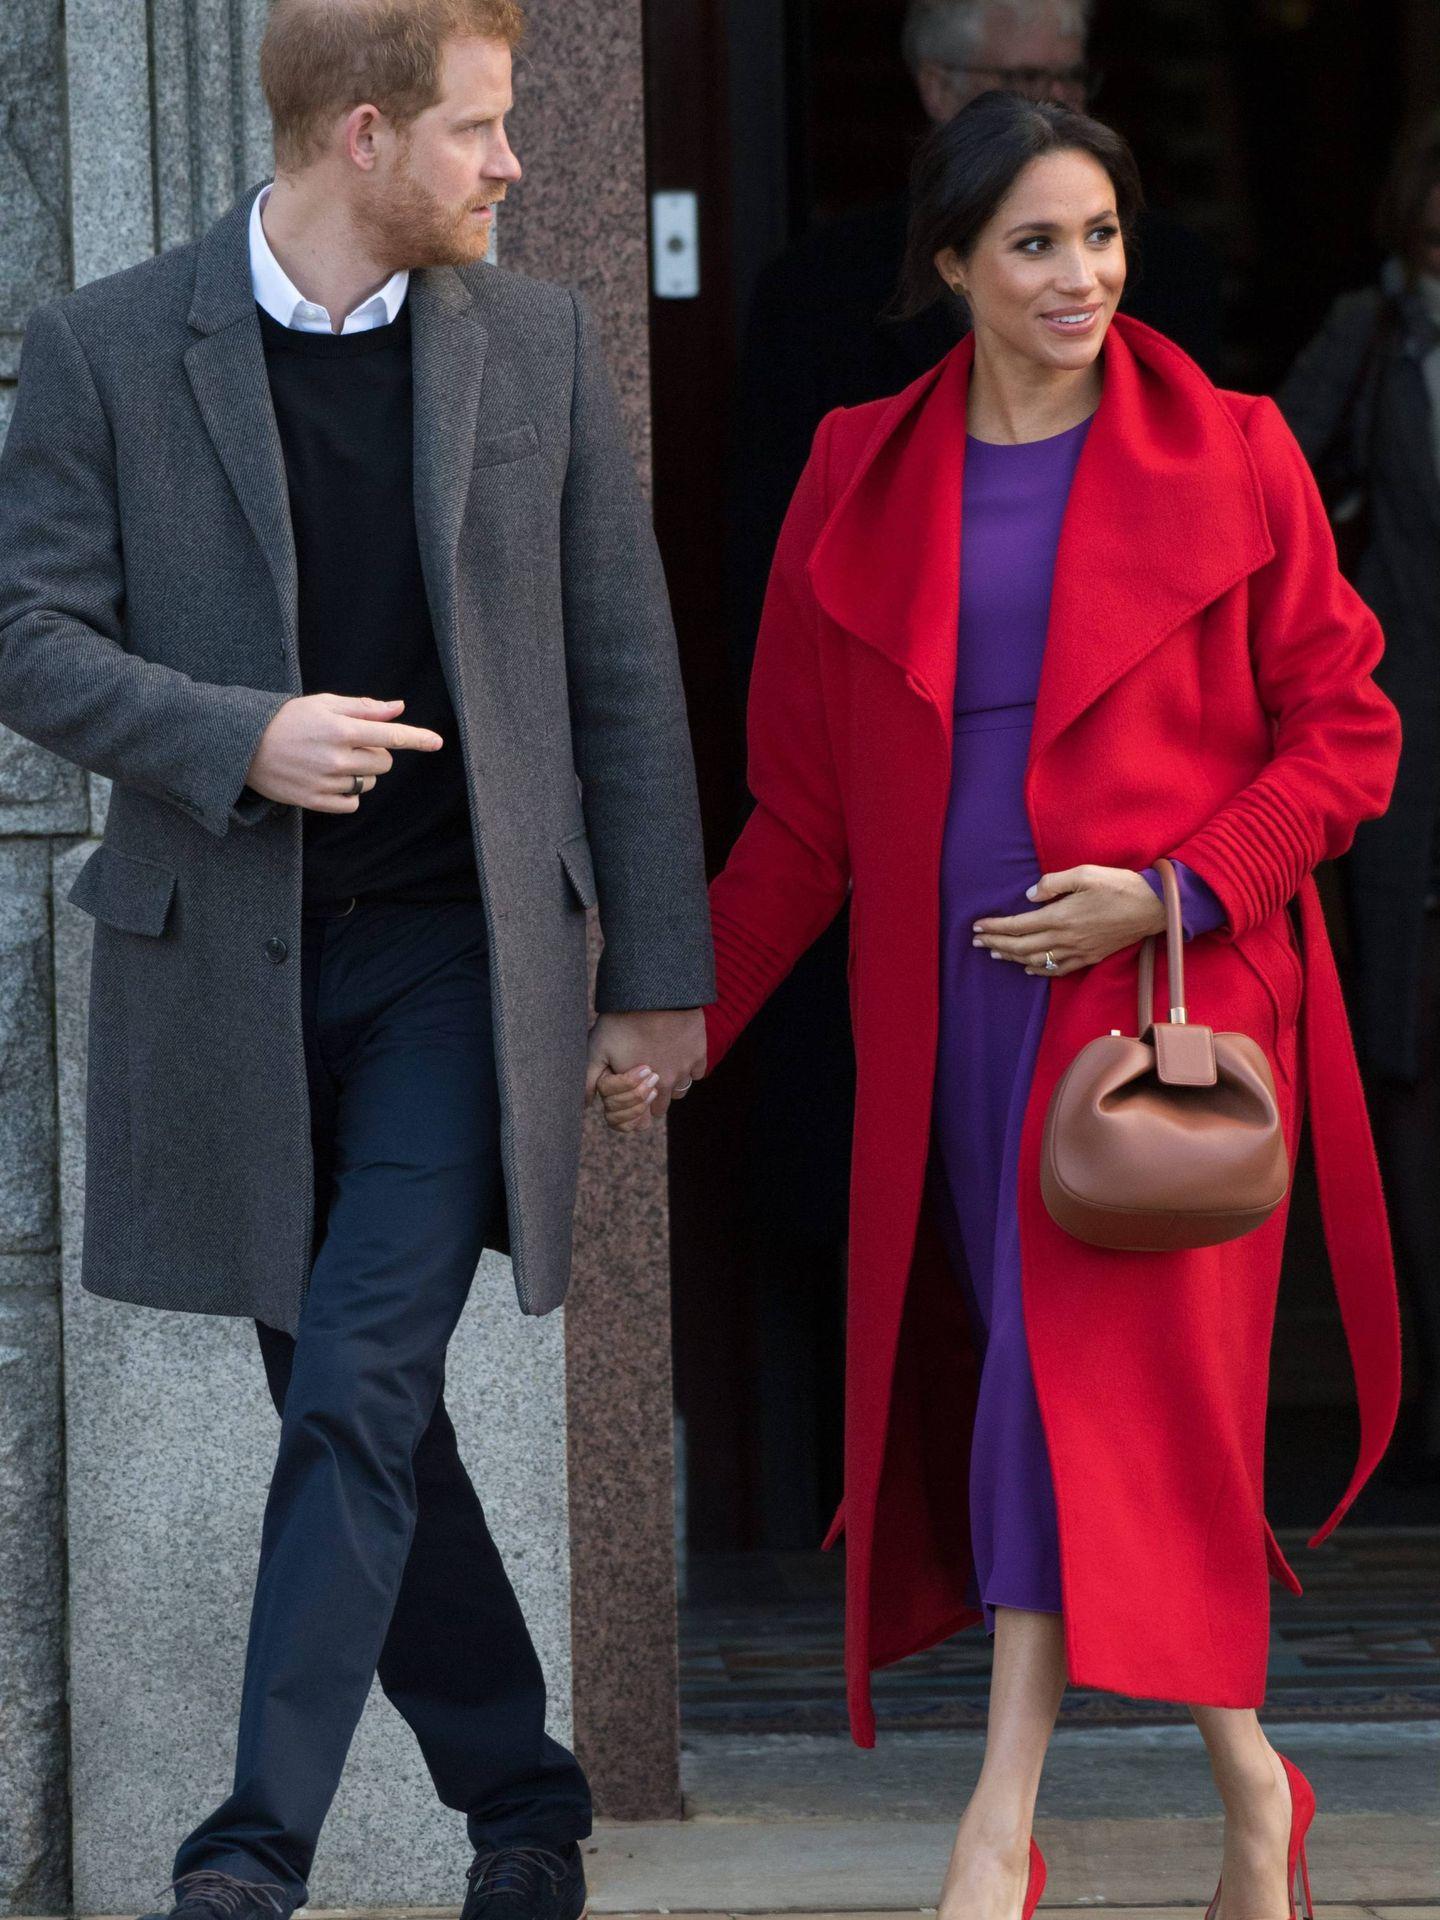 El superlook rojo y morado de Meghan Markle que tanto dio que hablar llevaba el sello de Gabriela Hearst. (Cordon Press)